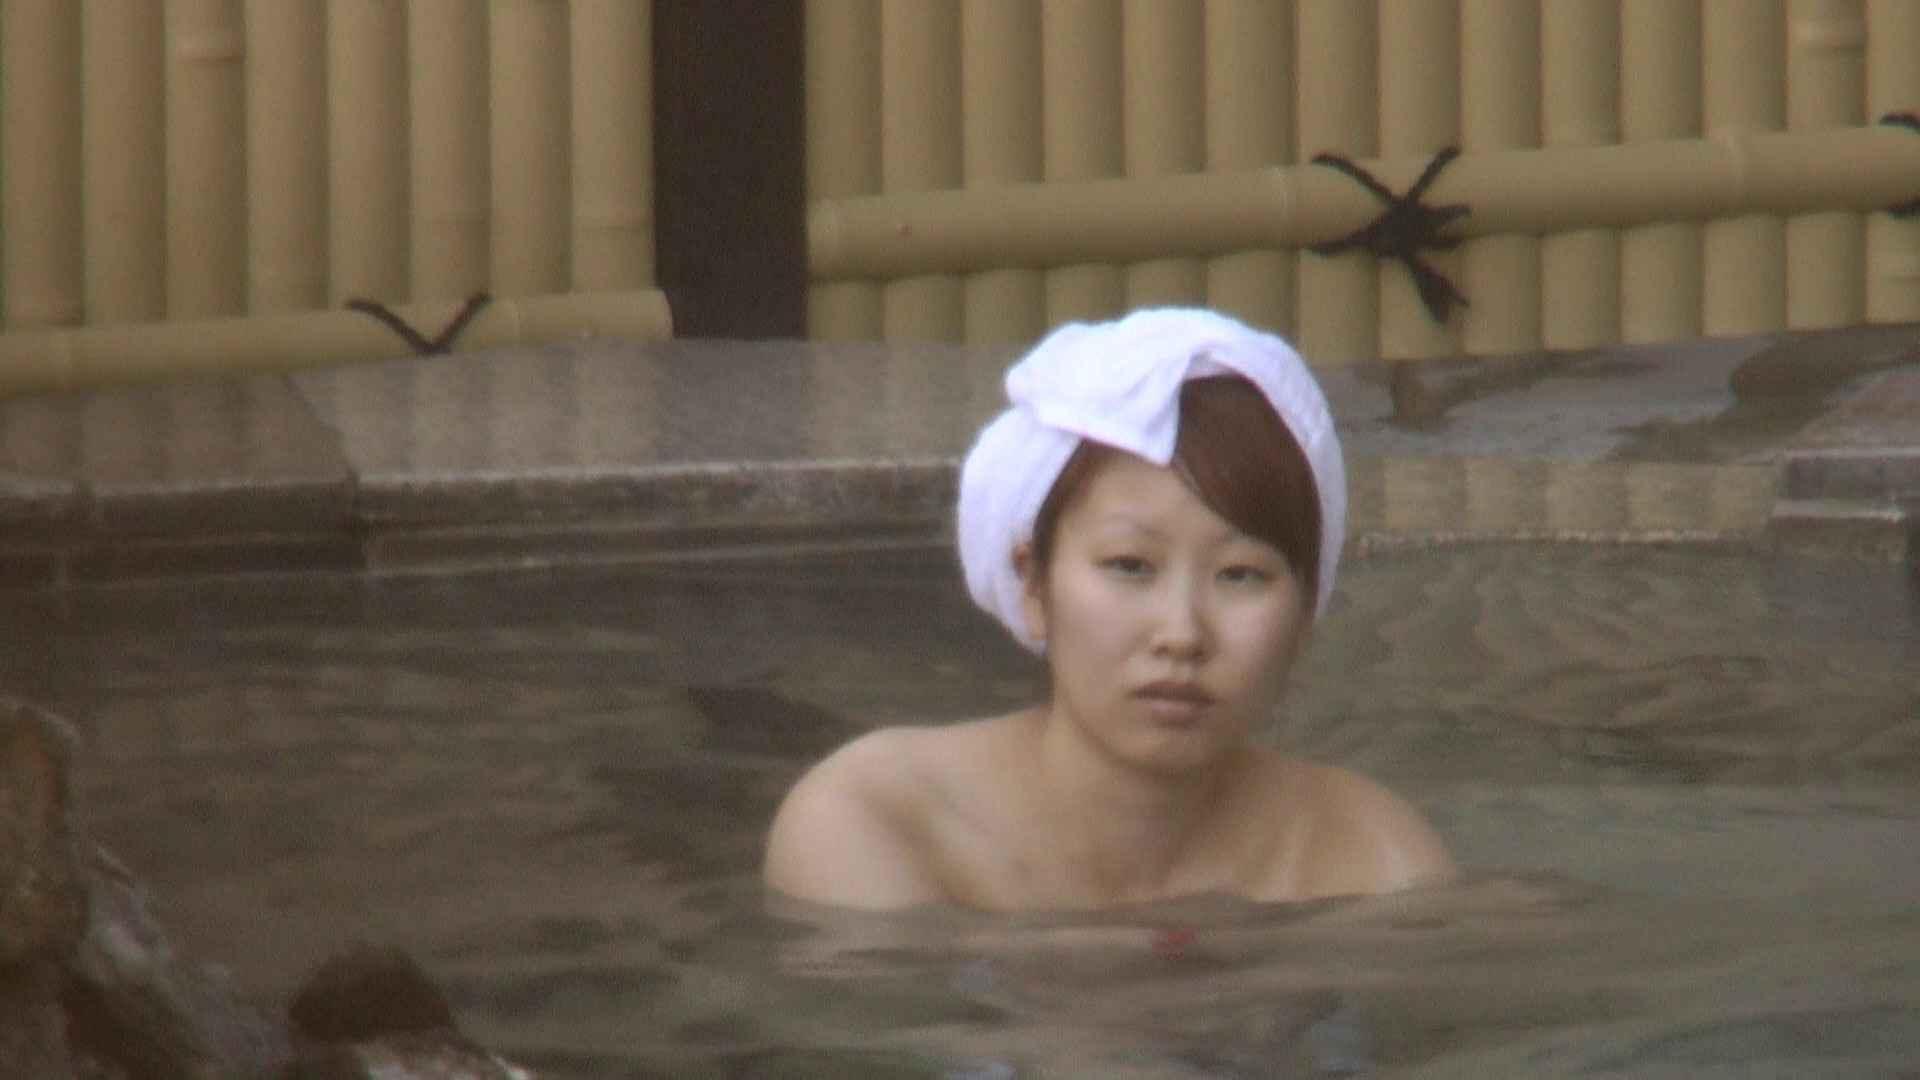 Aquaな露天風呂Vol.210 OLのエロ生活  83連発 30